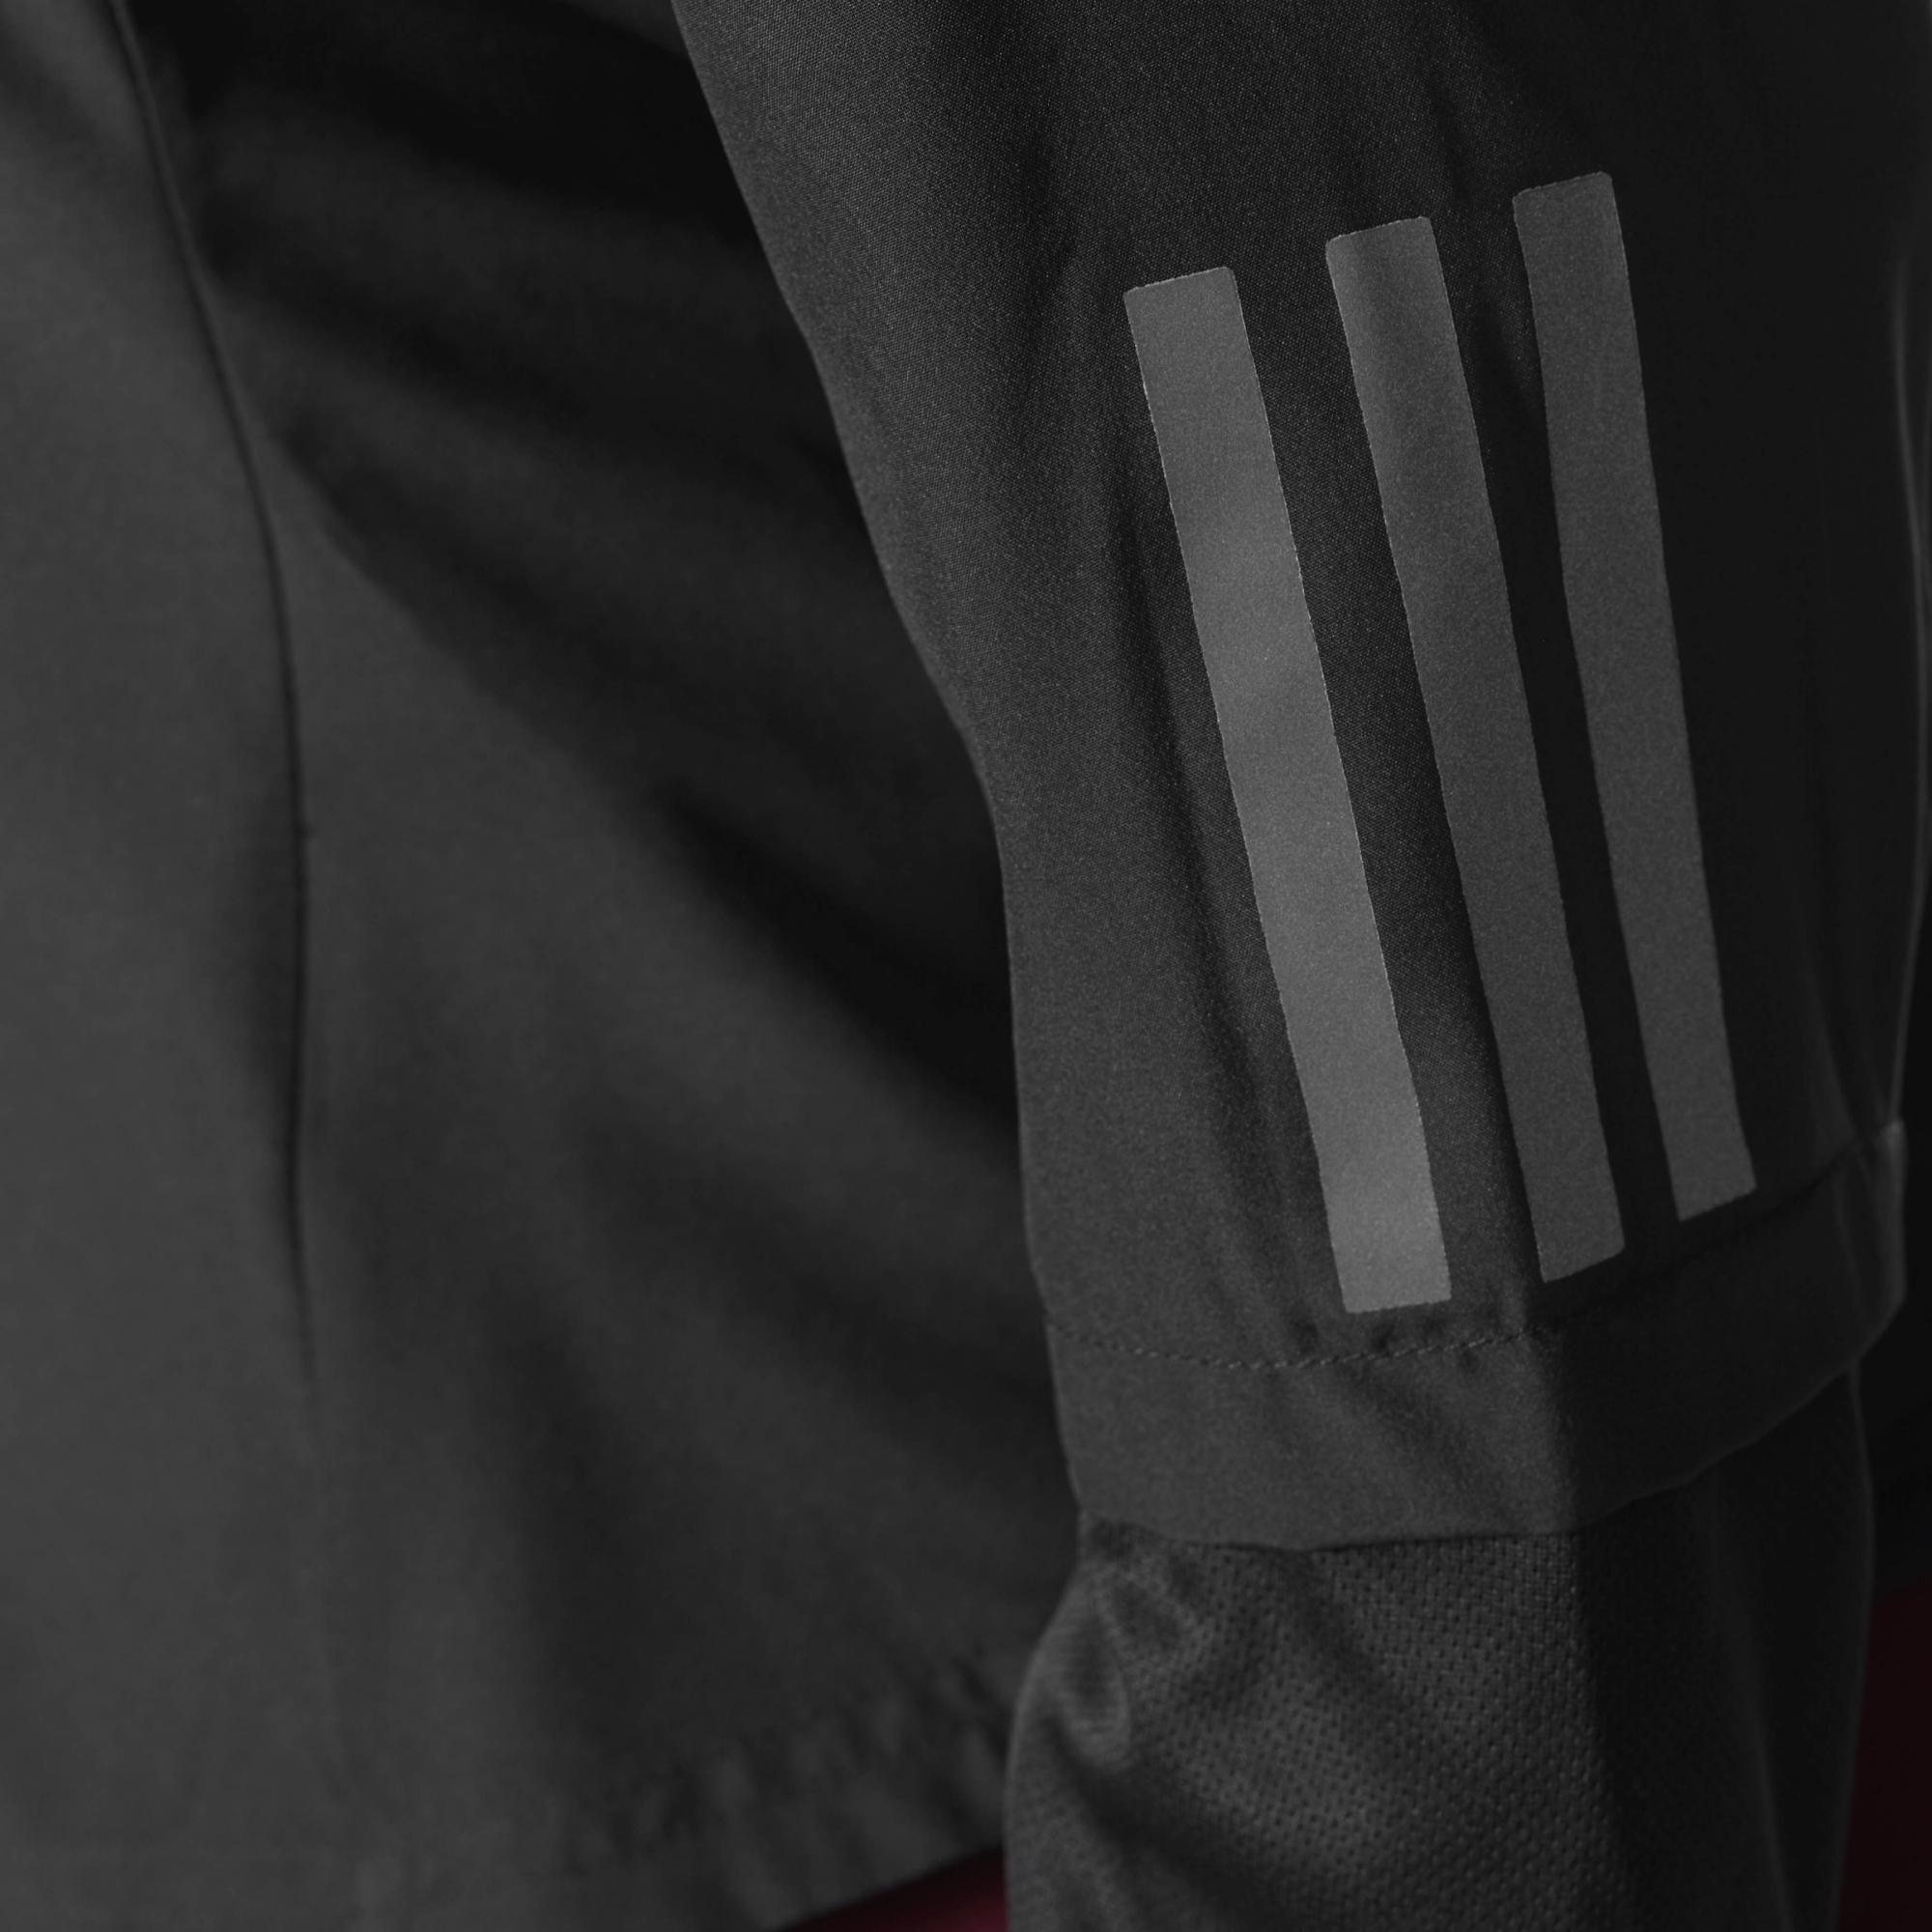 kurtka wiatrówka adidas Response Wind Jacket B47701